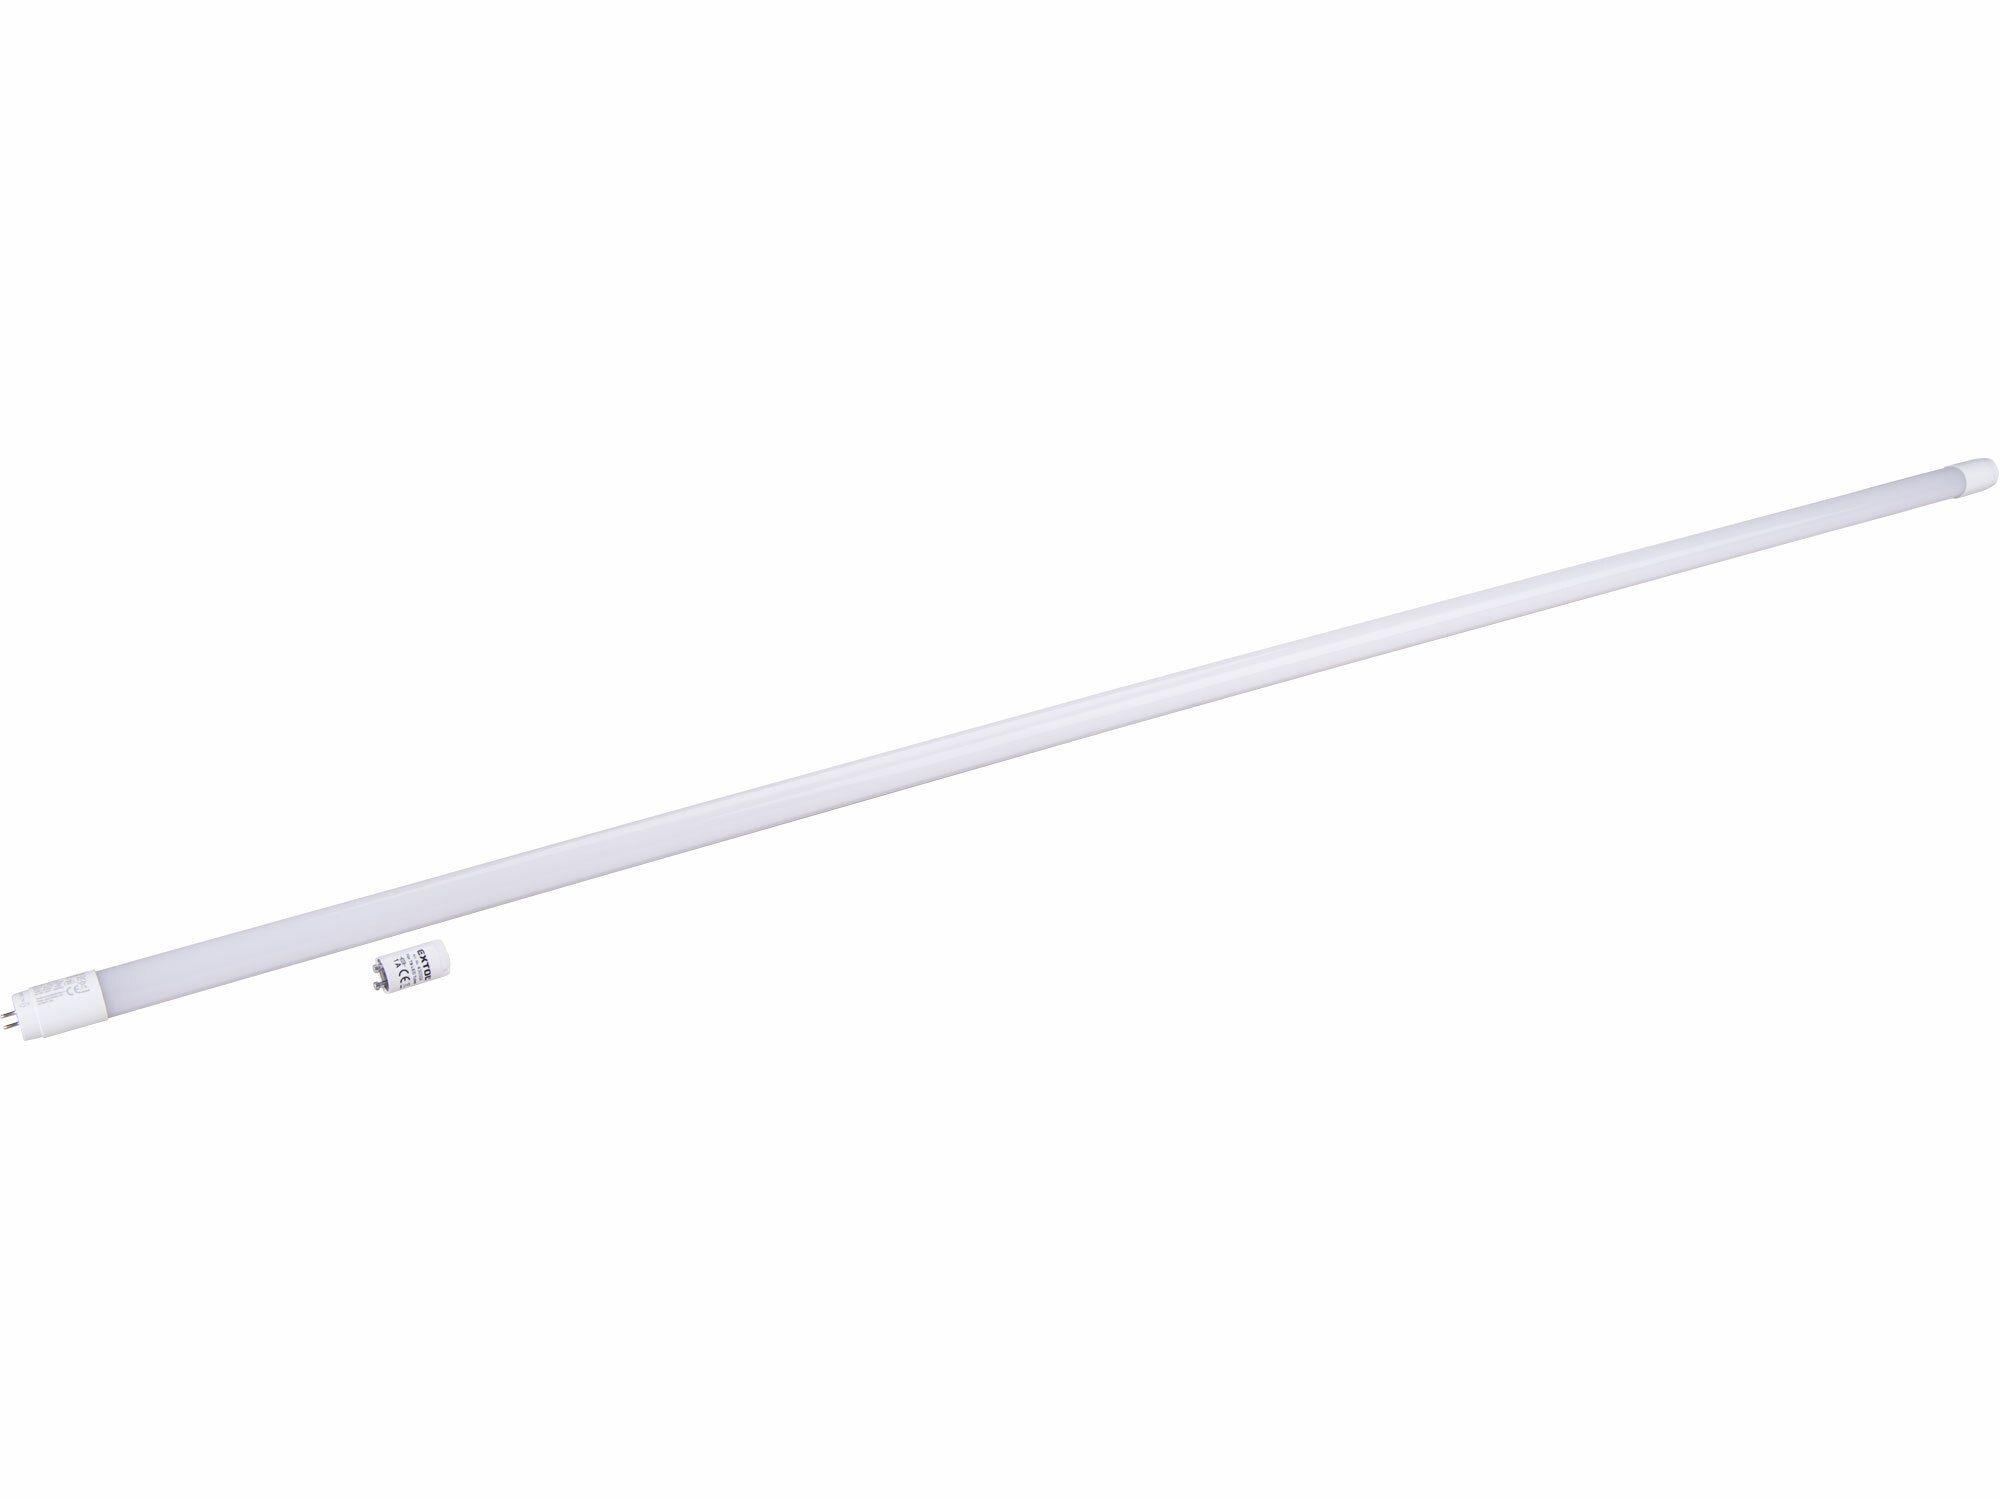 Zářivka LED, 150cm, 2200lm, T8, neutrální bílá, PC + ALU EXTOL LIGHT